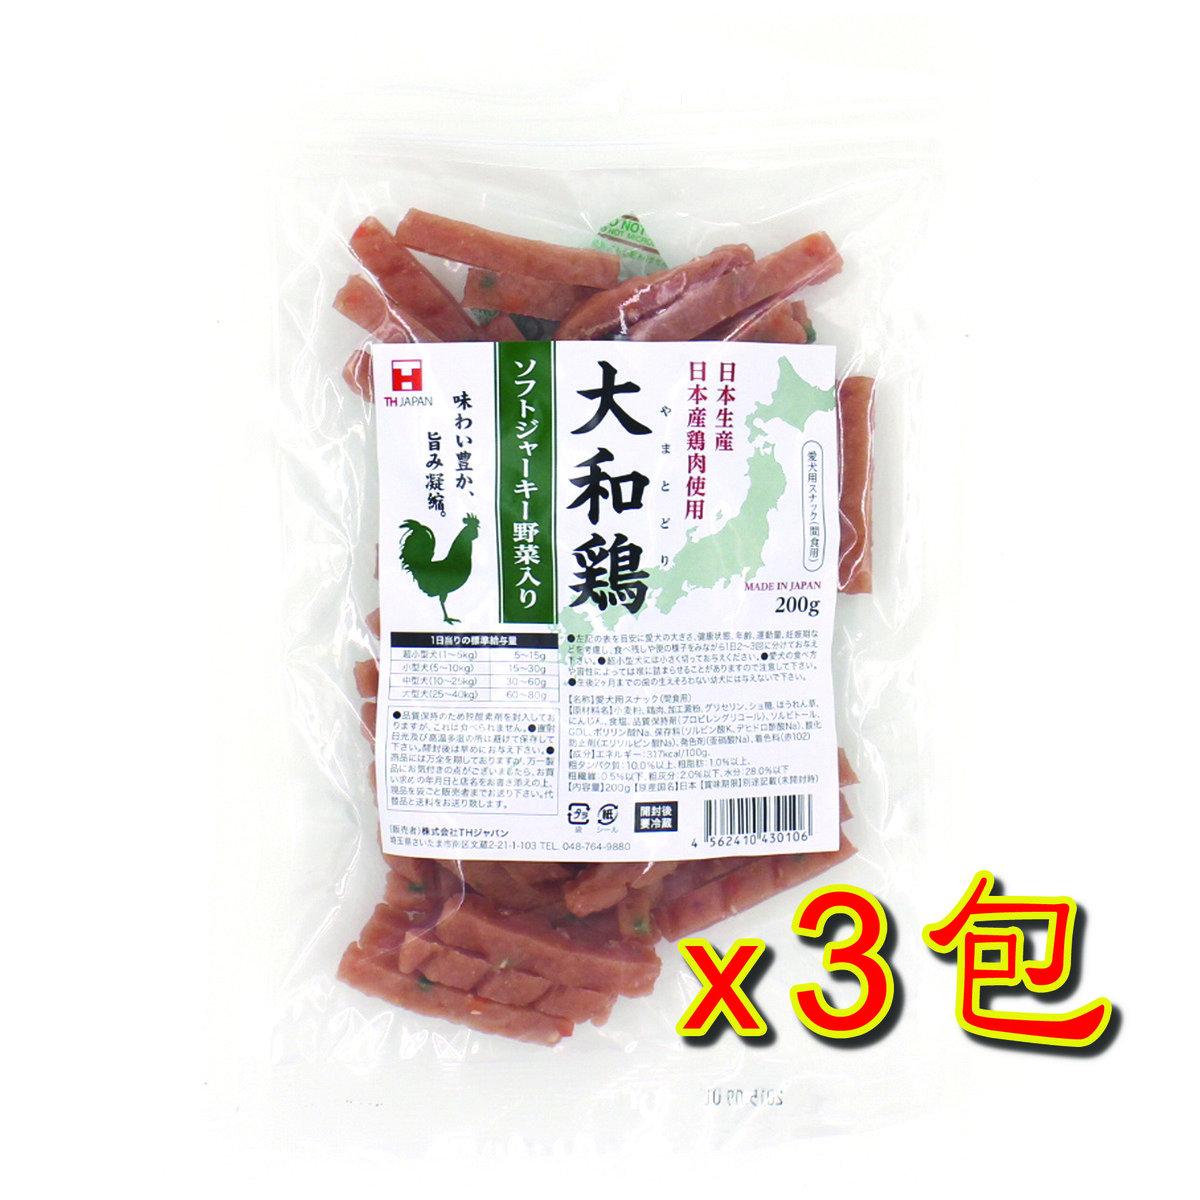 大和雞 蔬菜雞肉條 200g 3包